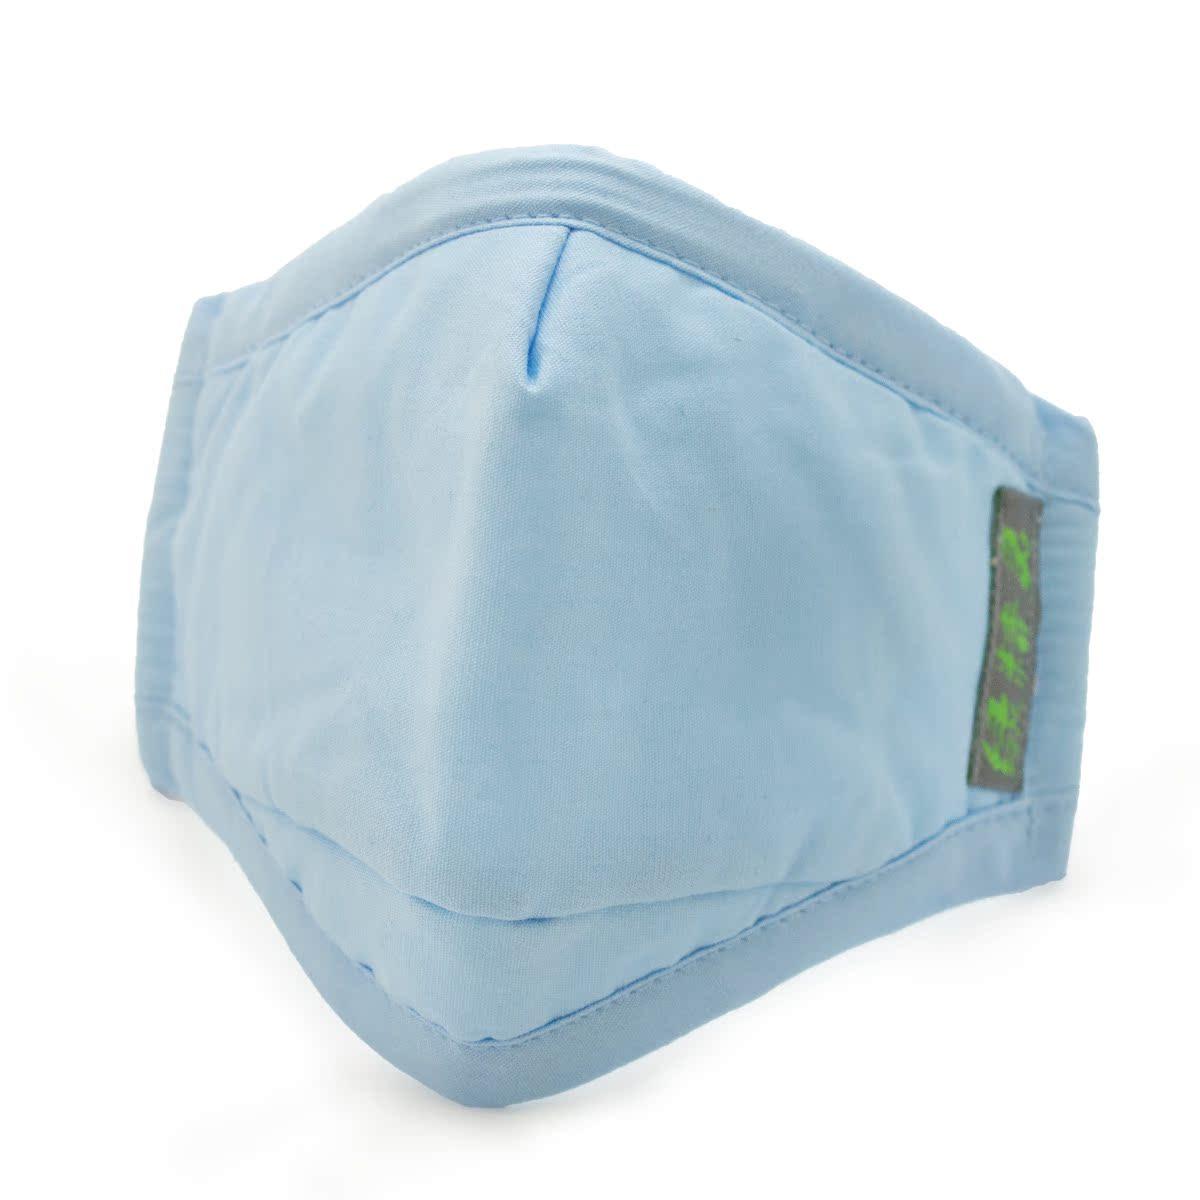 绿精灵PM2.5抗菌口罩春秋户外骑行时尚防雾霾尘晒紫外线流感儿童